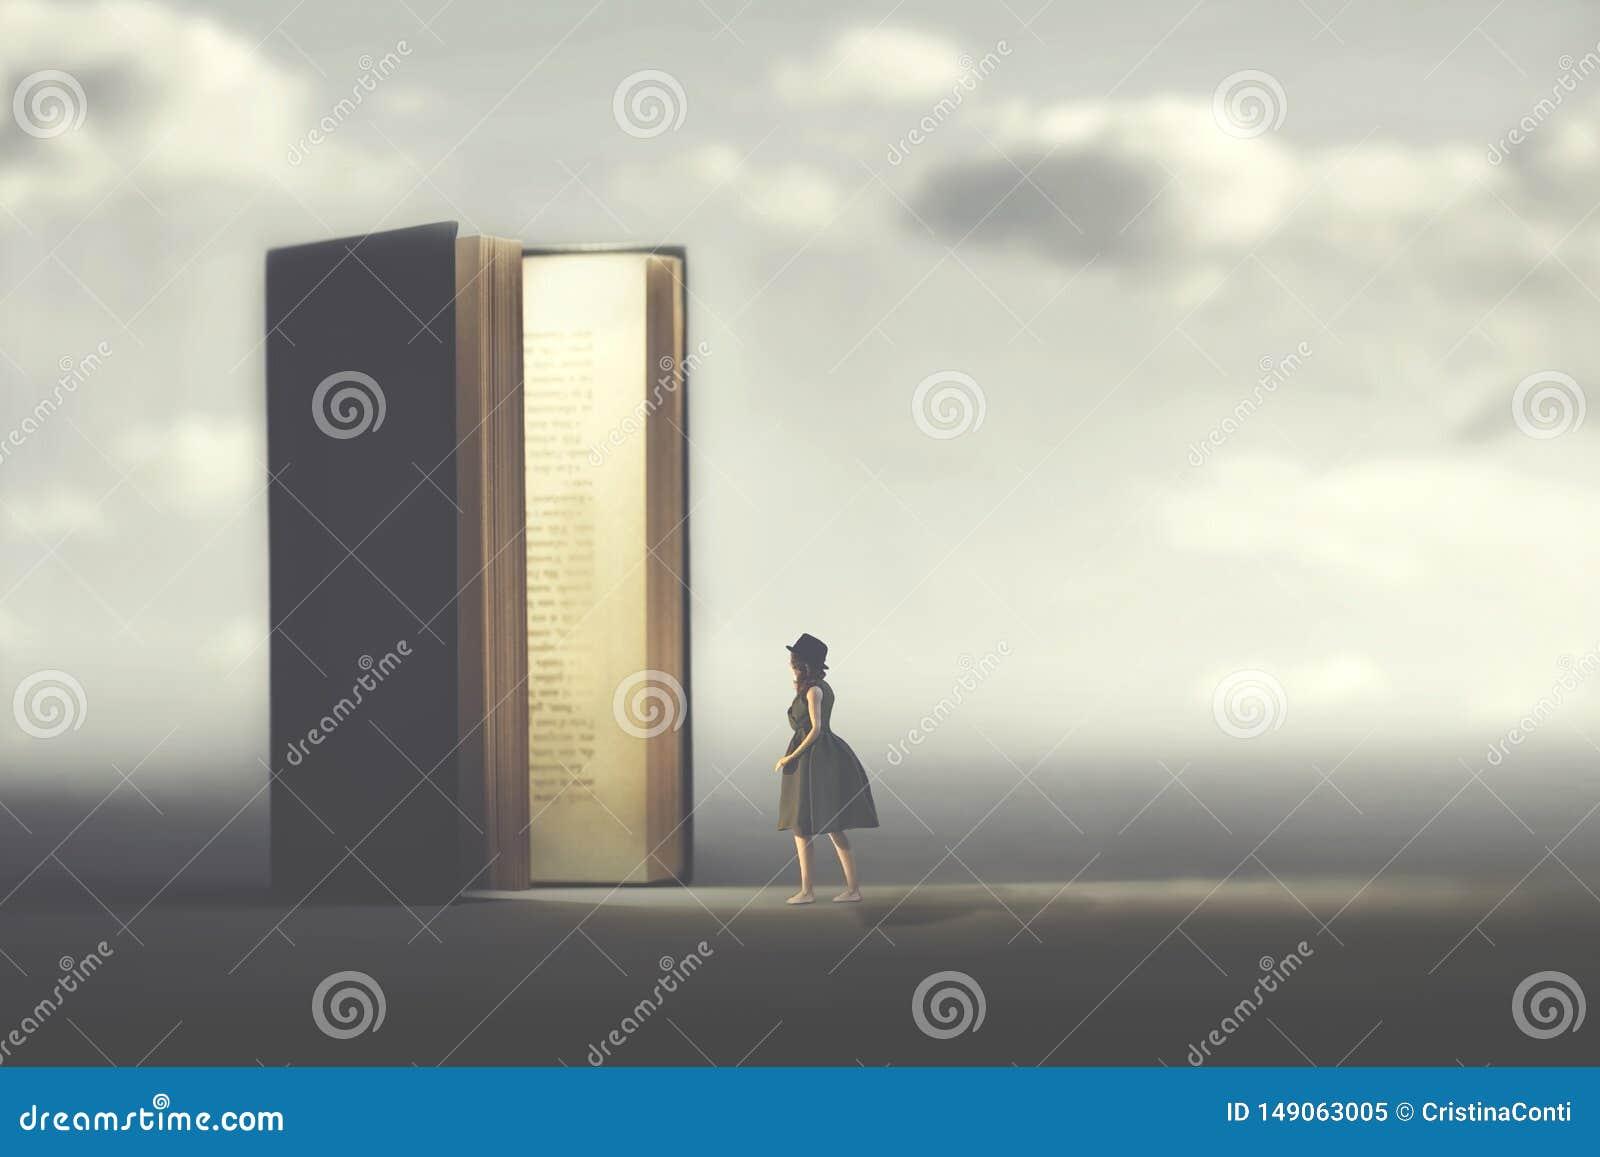 Surreal boek opent een deur die aan een vrouw, concept wordt verlicht manier aan vrijheid